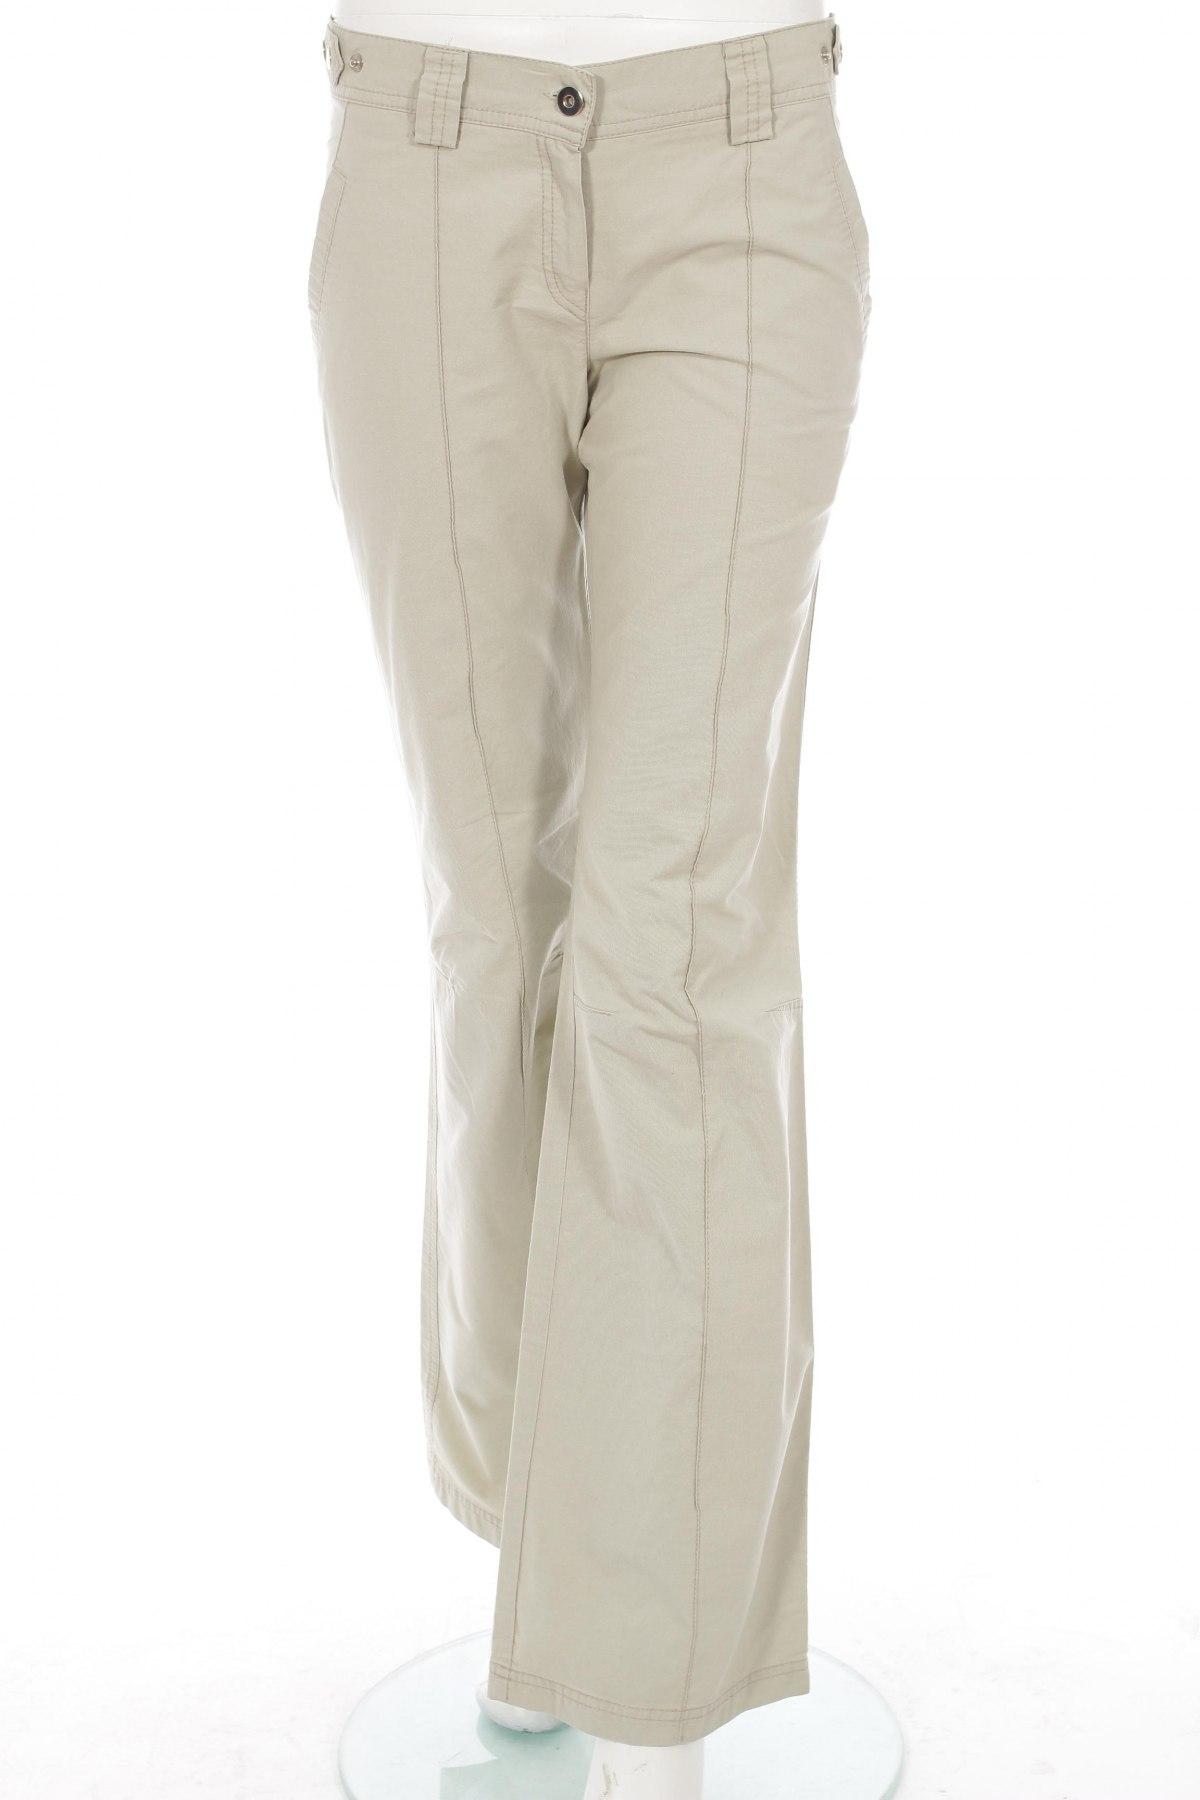 82d67eda2f8f Dámske oblečenie - džínsy